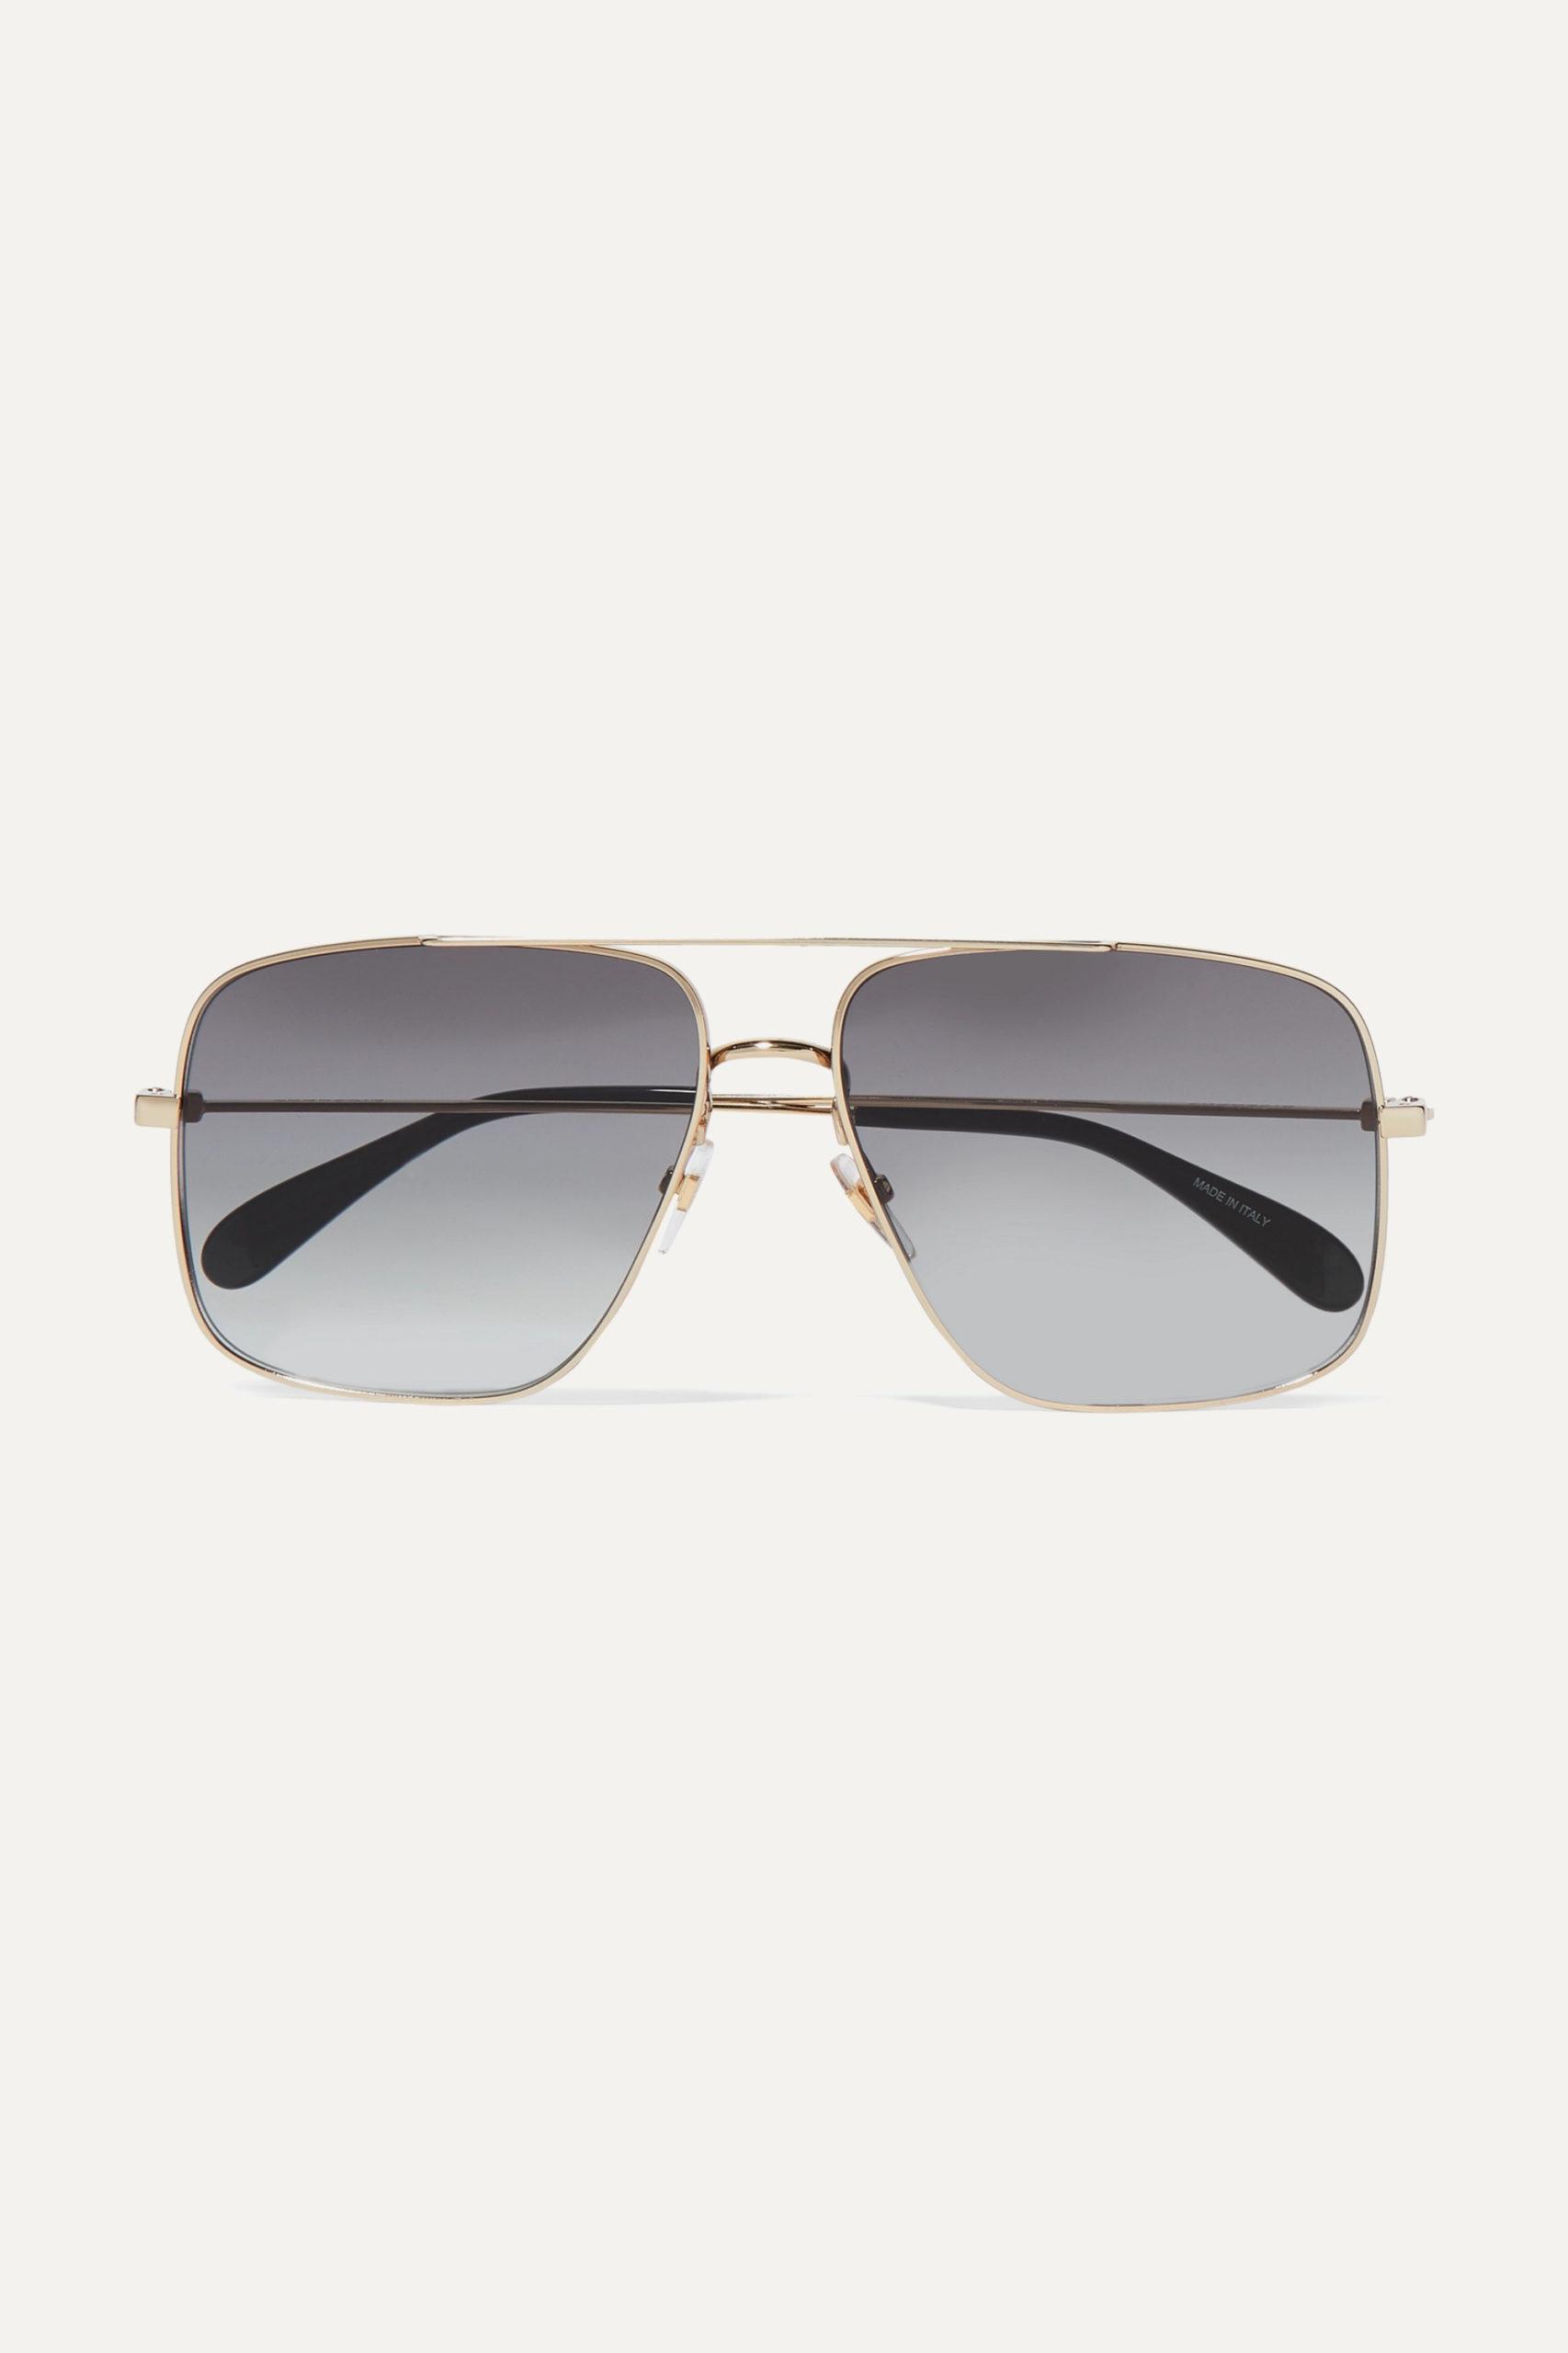 Givenchy — Oversized Aviator-style Gold-tone Sunglasses